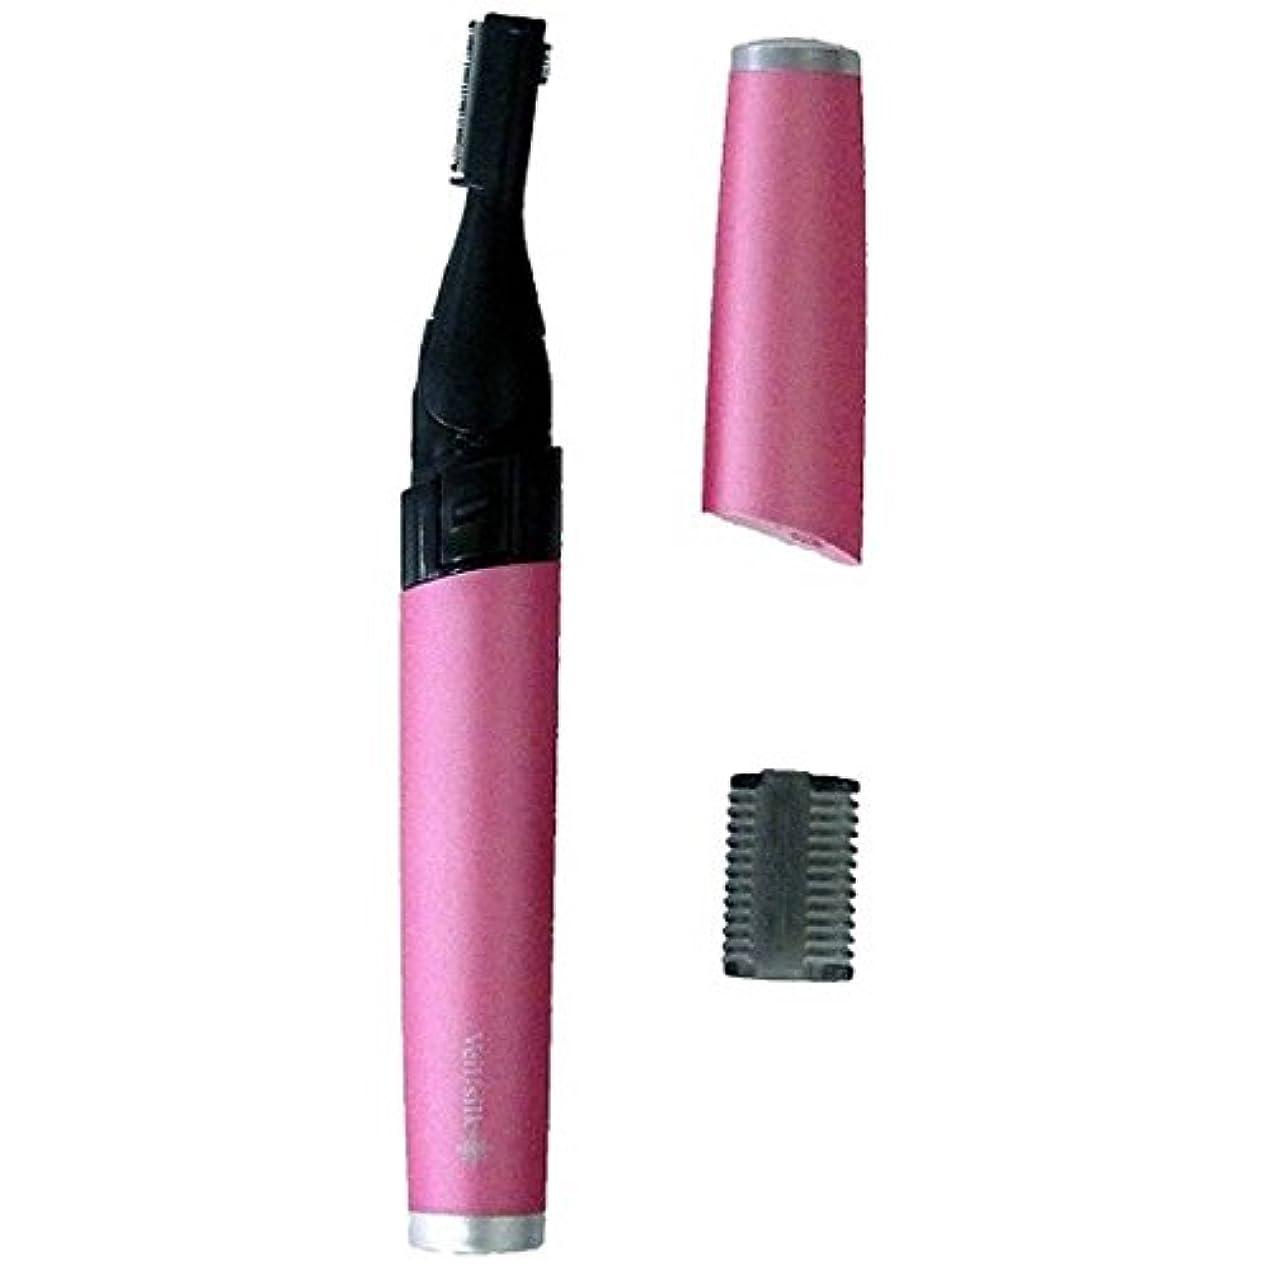 略語オーバーヘッド安価なイズミ フェイスシェーバー (ピンク)IZUMI Veil:silk(ヴェルシルク) GR-AF127-P